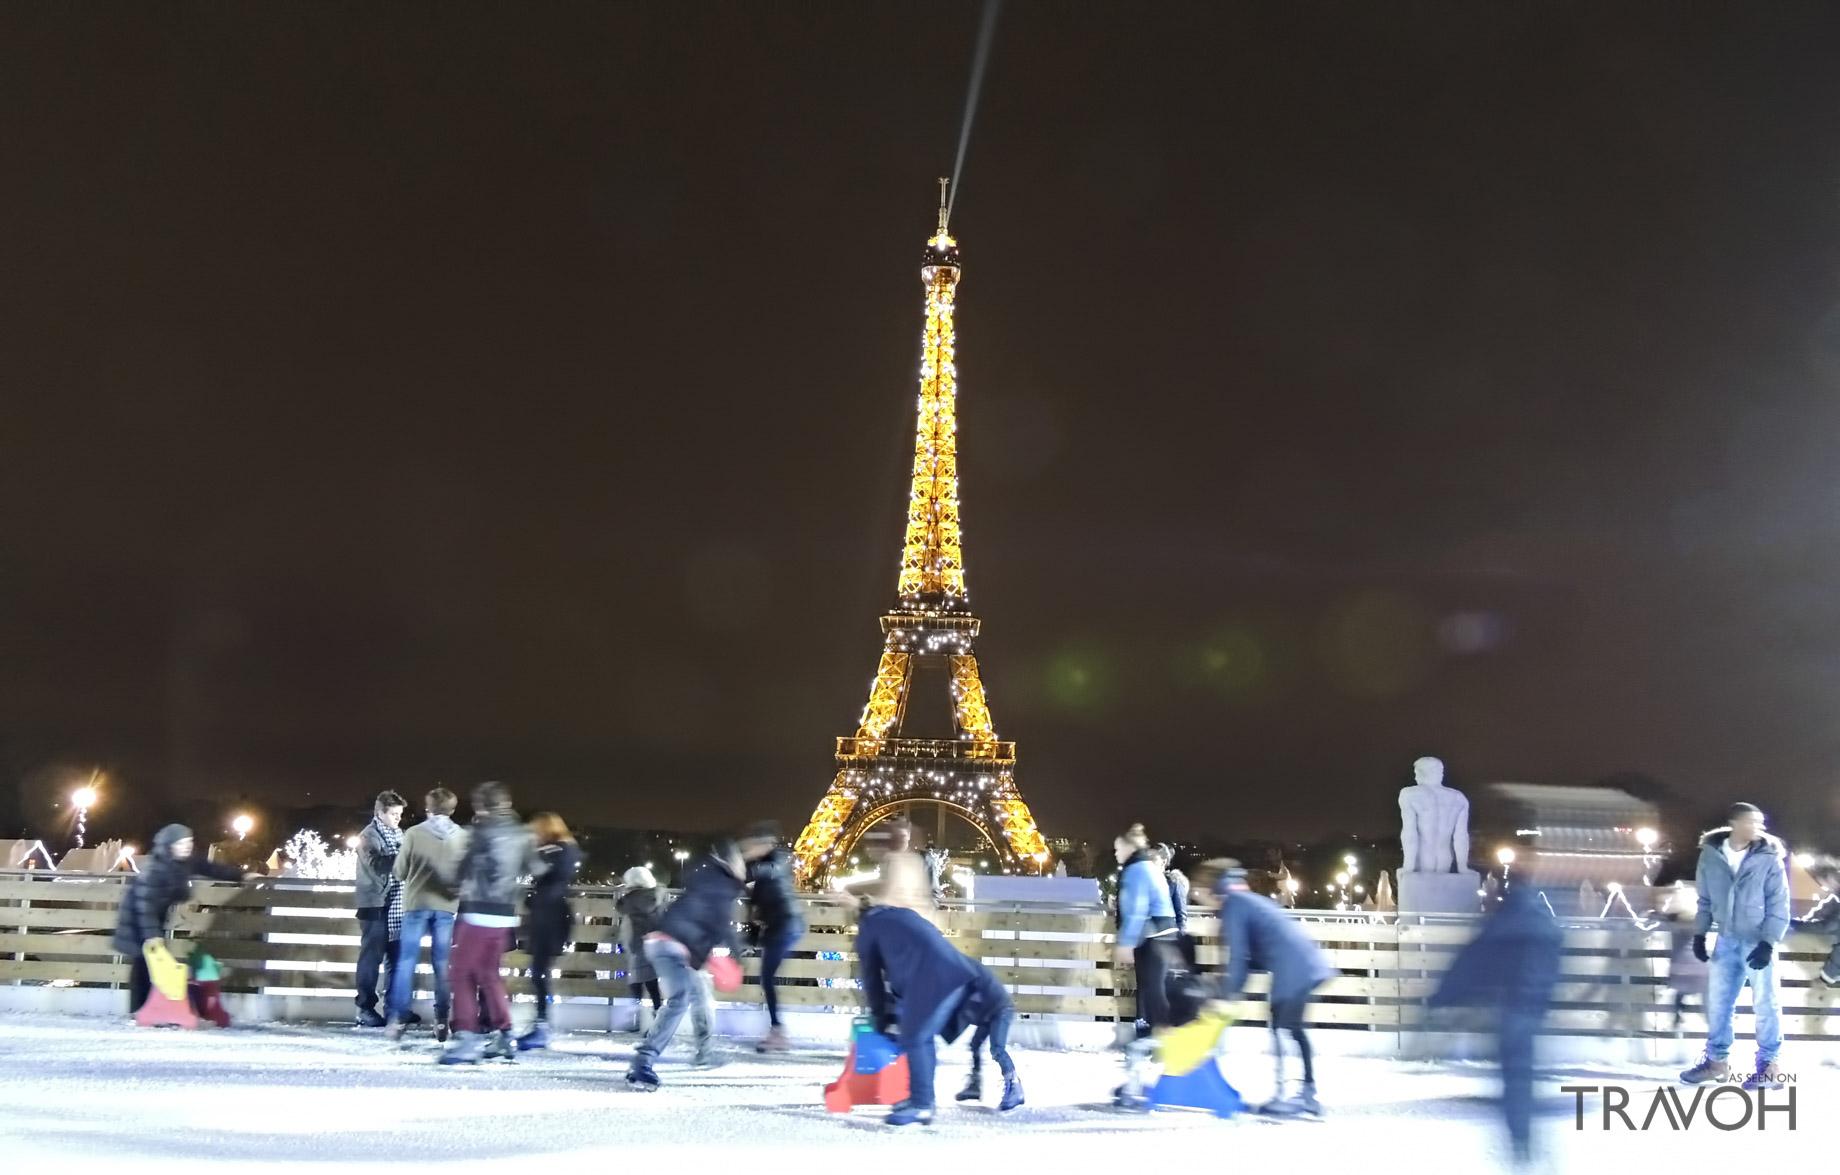 Skating at Santas Village - Paris, France